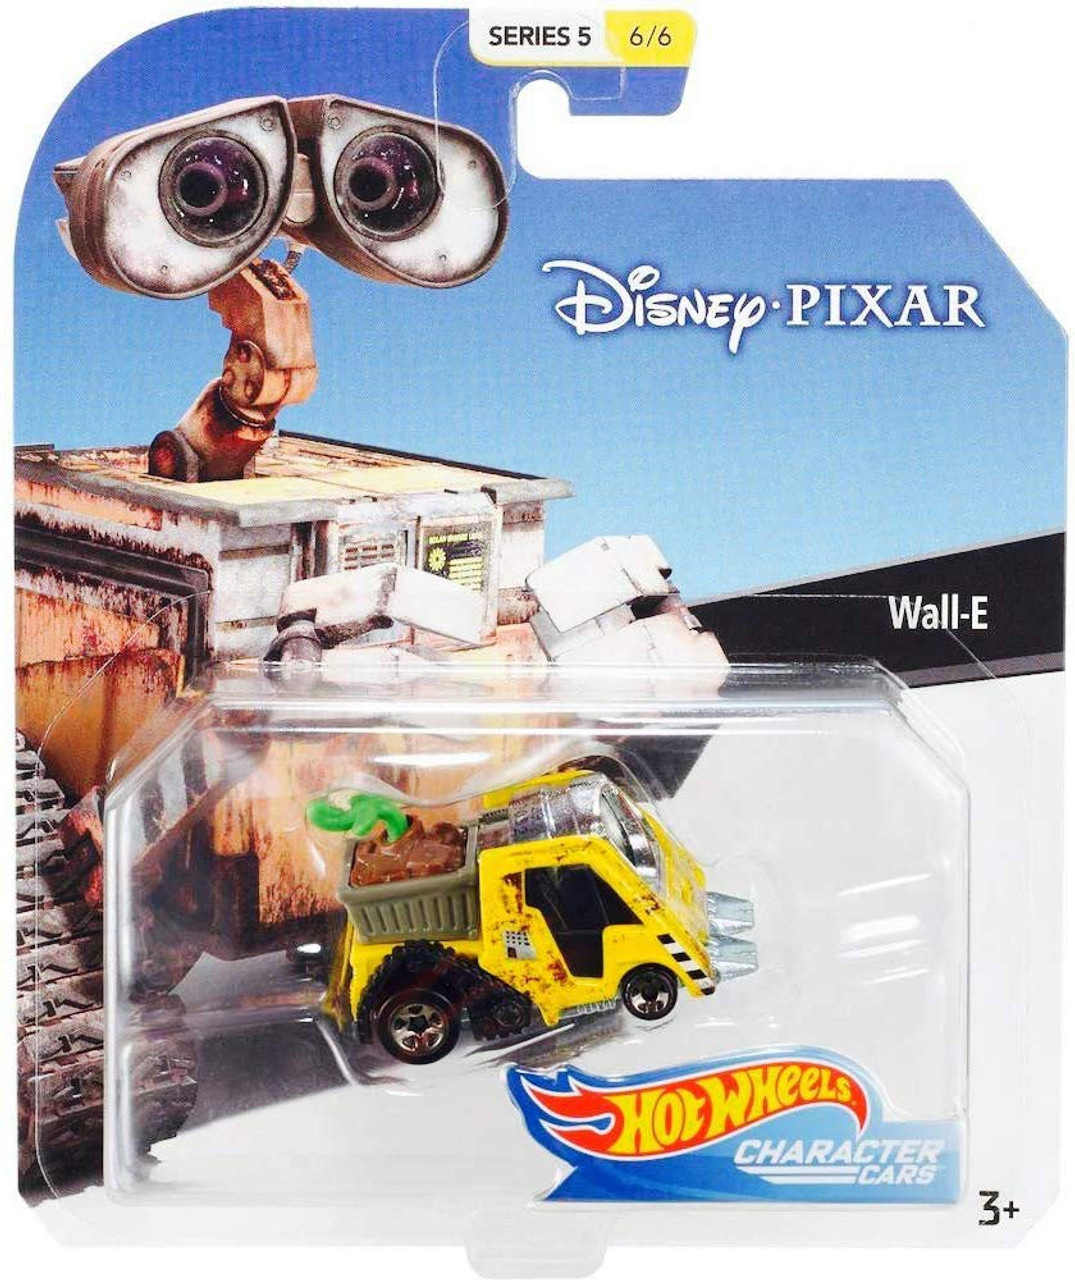 Hot ass neighbor 5 Disney Hot Wheels Character Cars Series 5 Wall E Die Cast Car 66 Mattel Toywiz